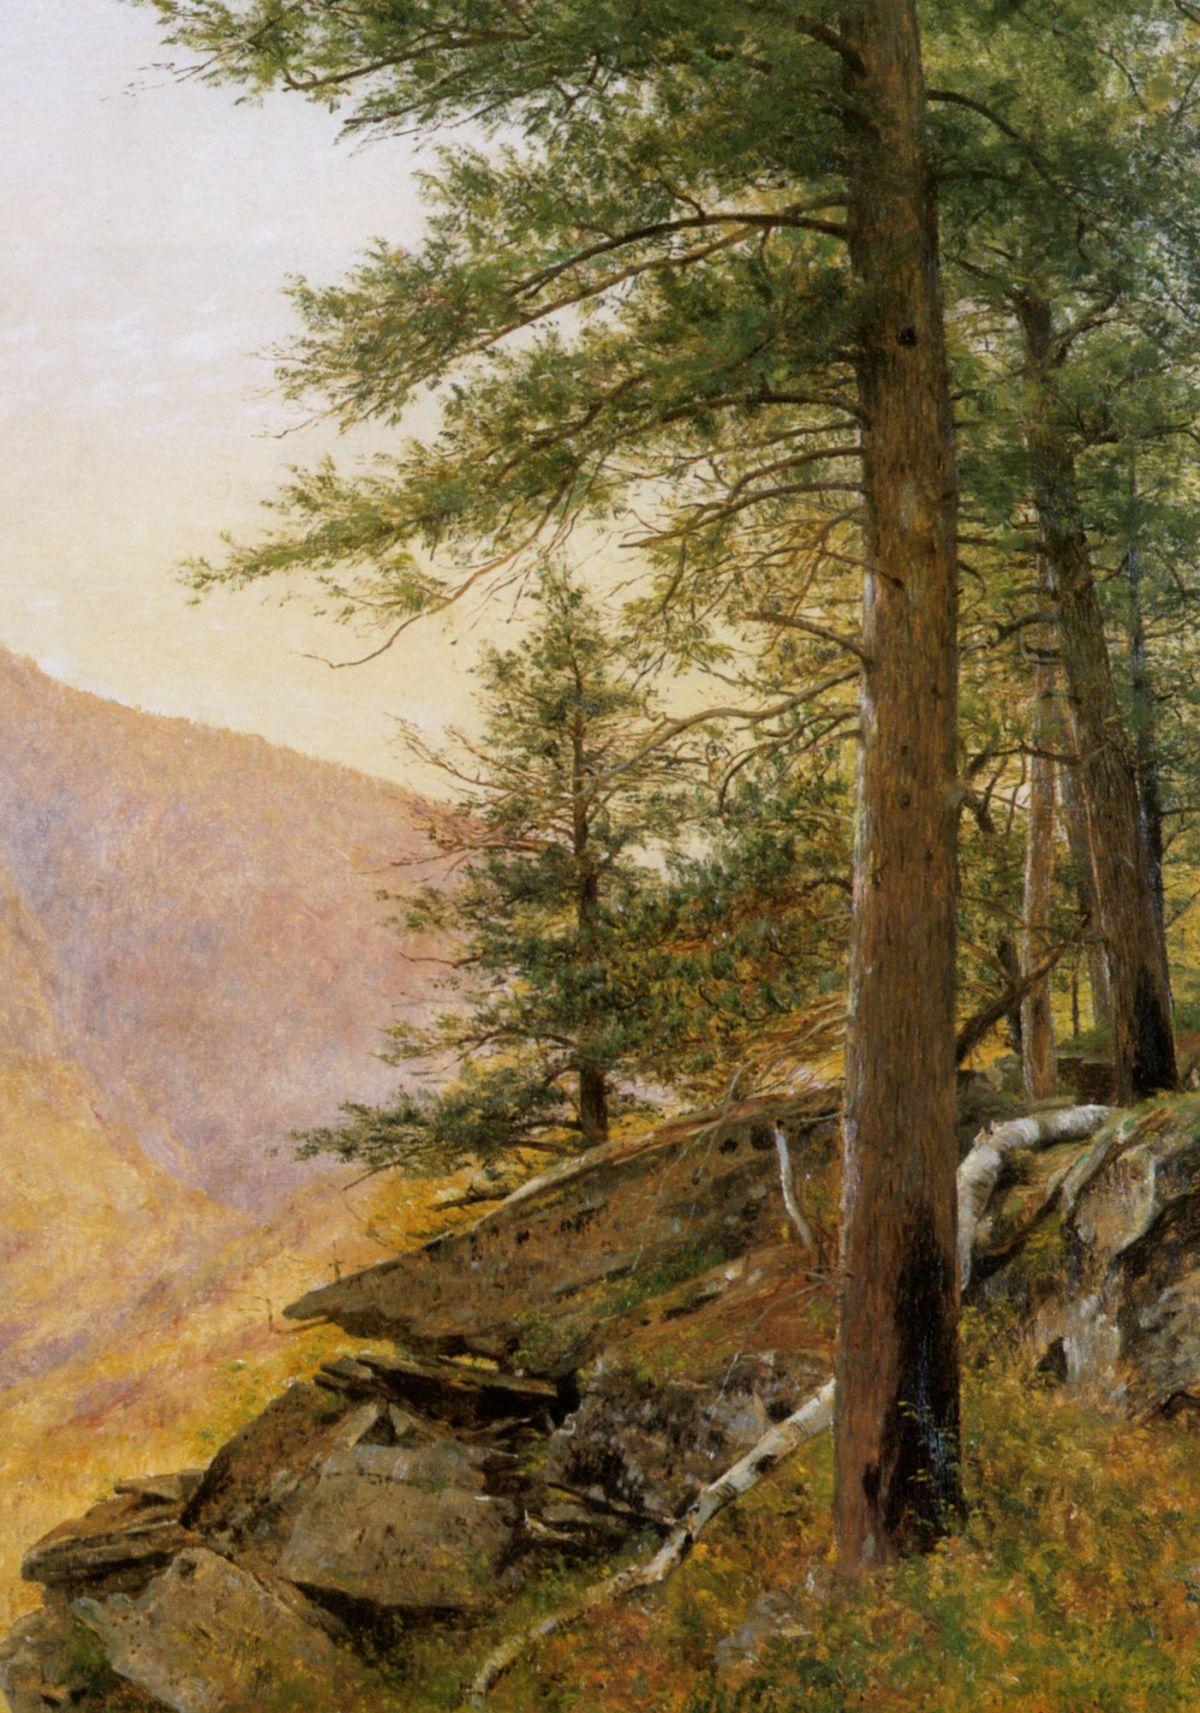 Hemlocl in the Catskills by Thomas Worthington Whittredge